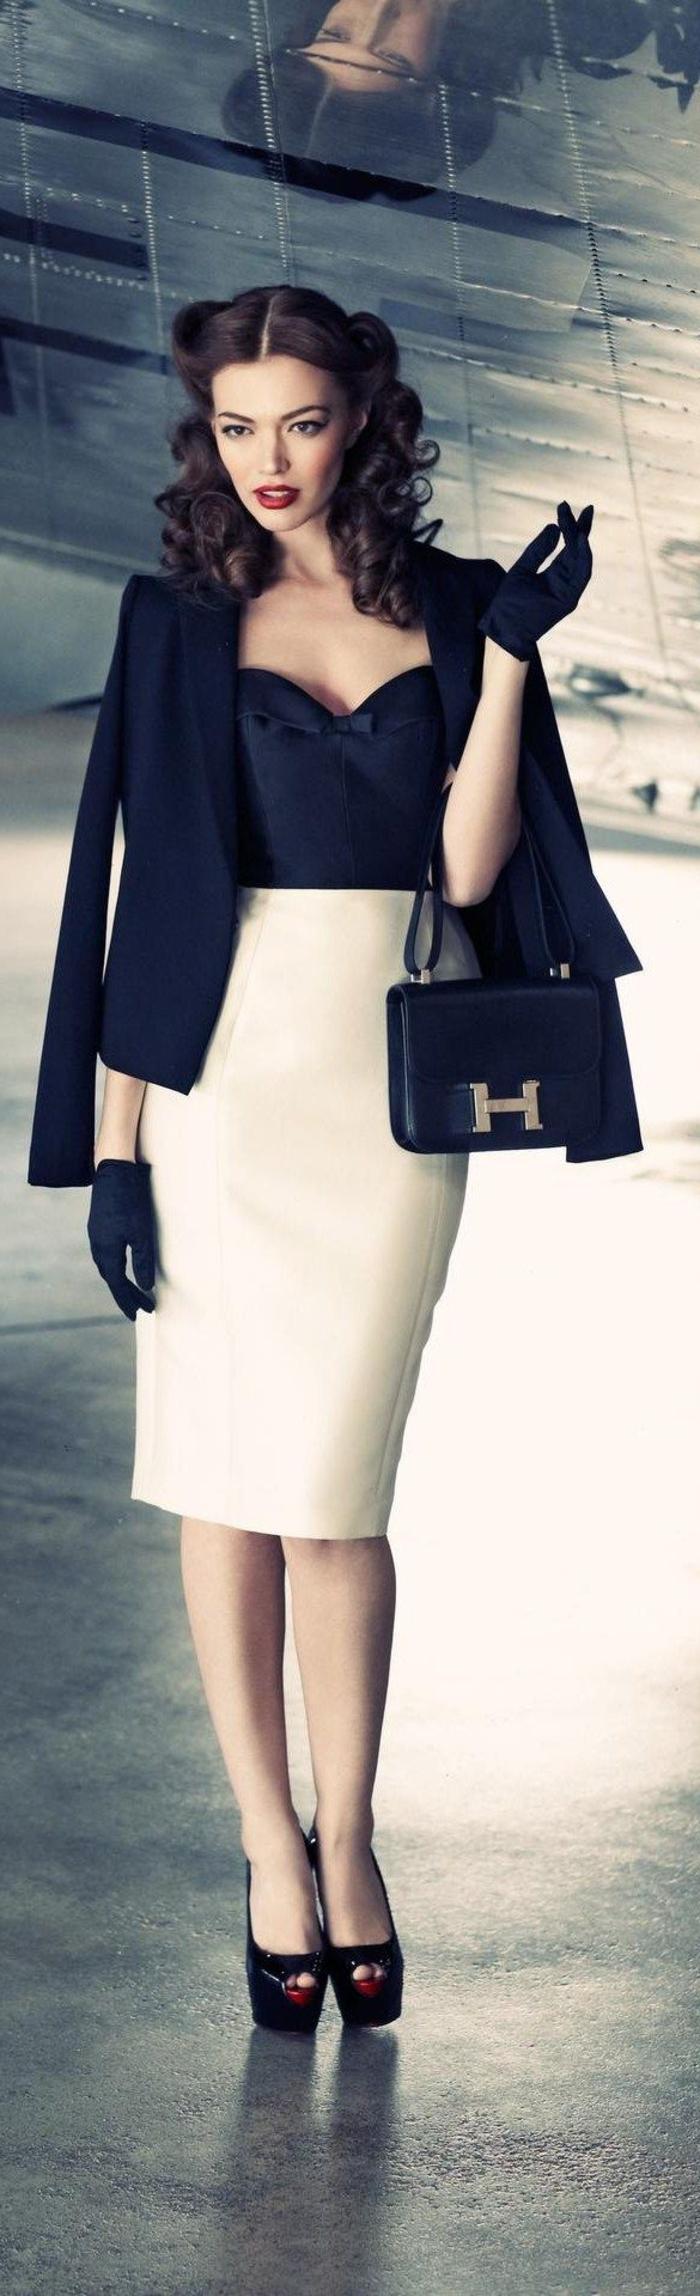 1-femme-avec-jupe-mi-longue-blanche-élégante-cheveux-mi-longues